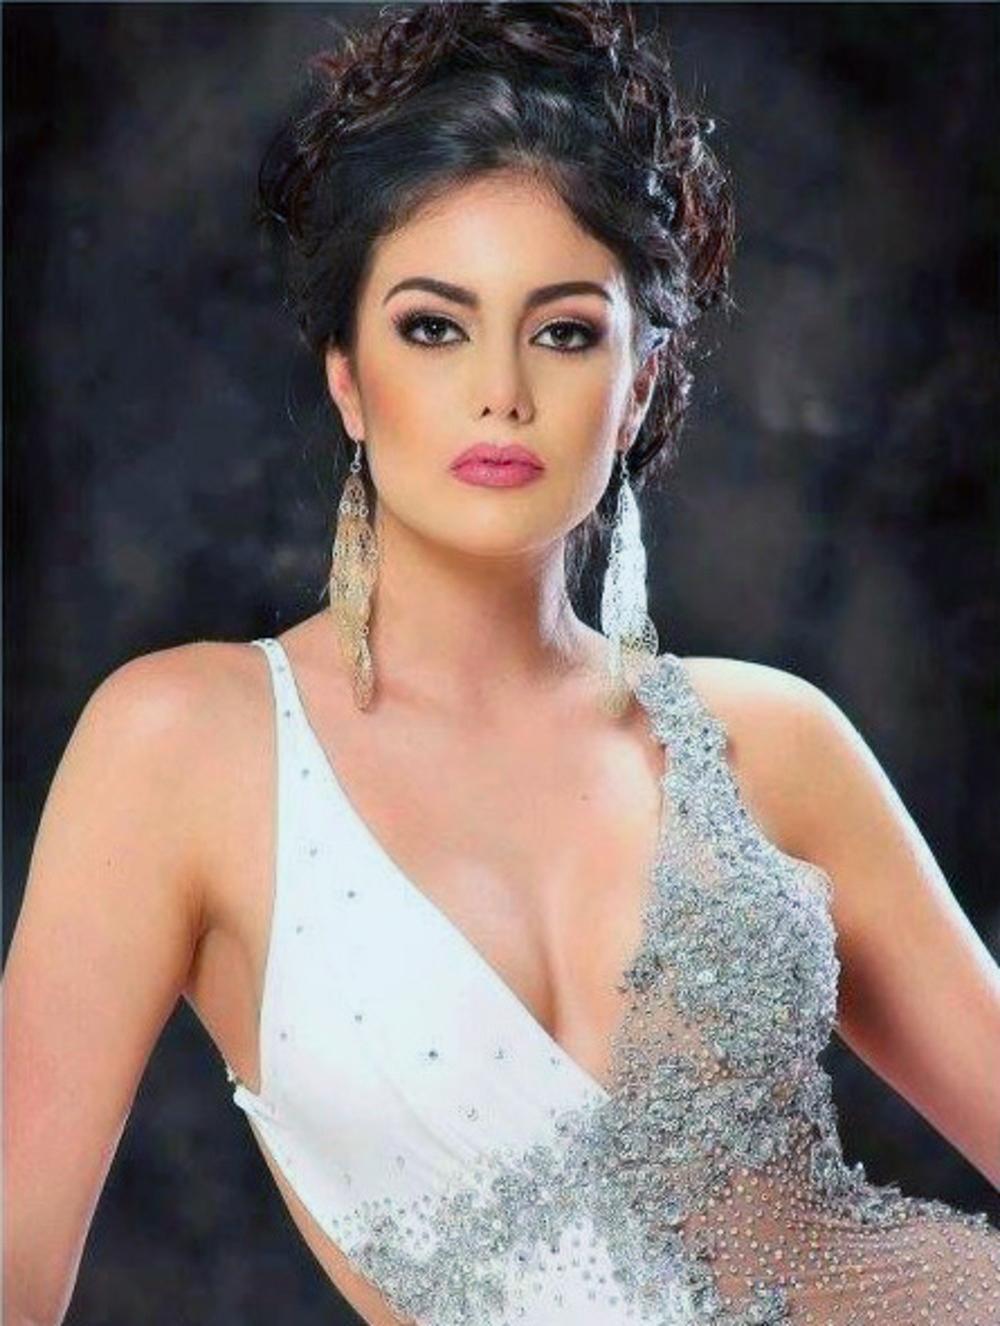 Фото самий красивий актрисы туркия 4 фотография